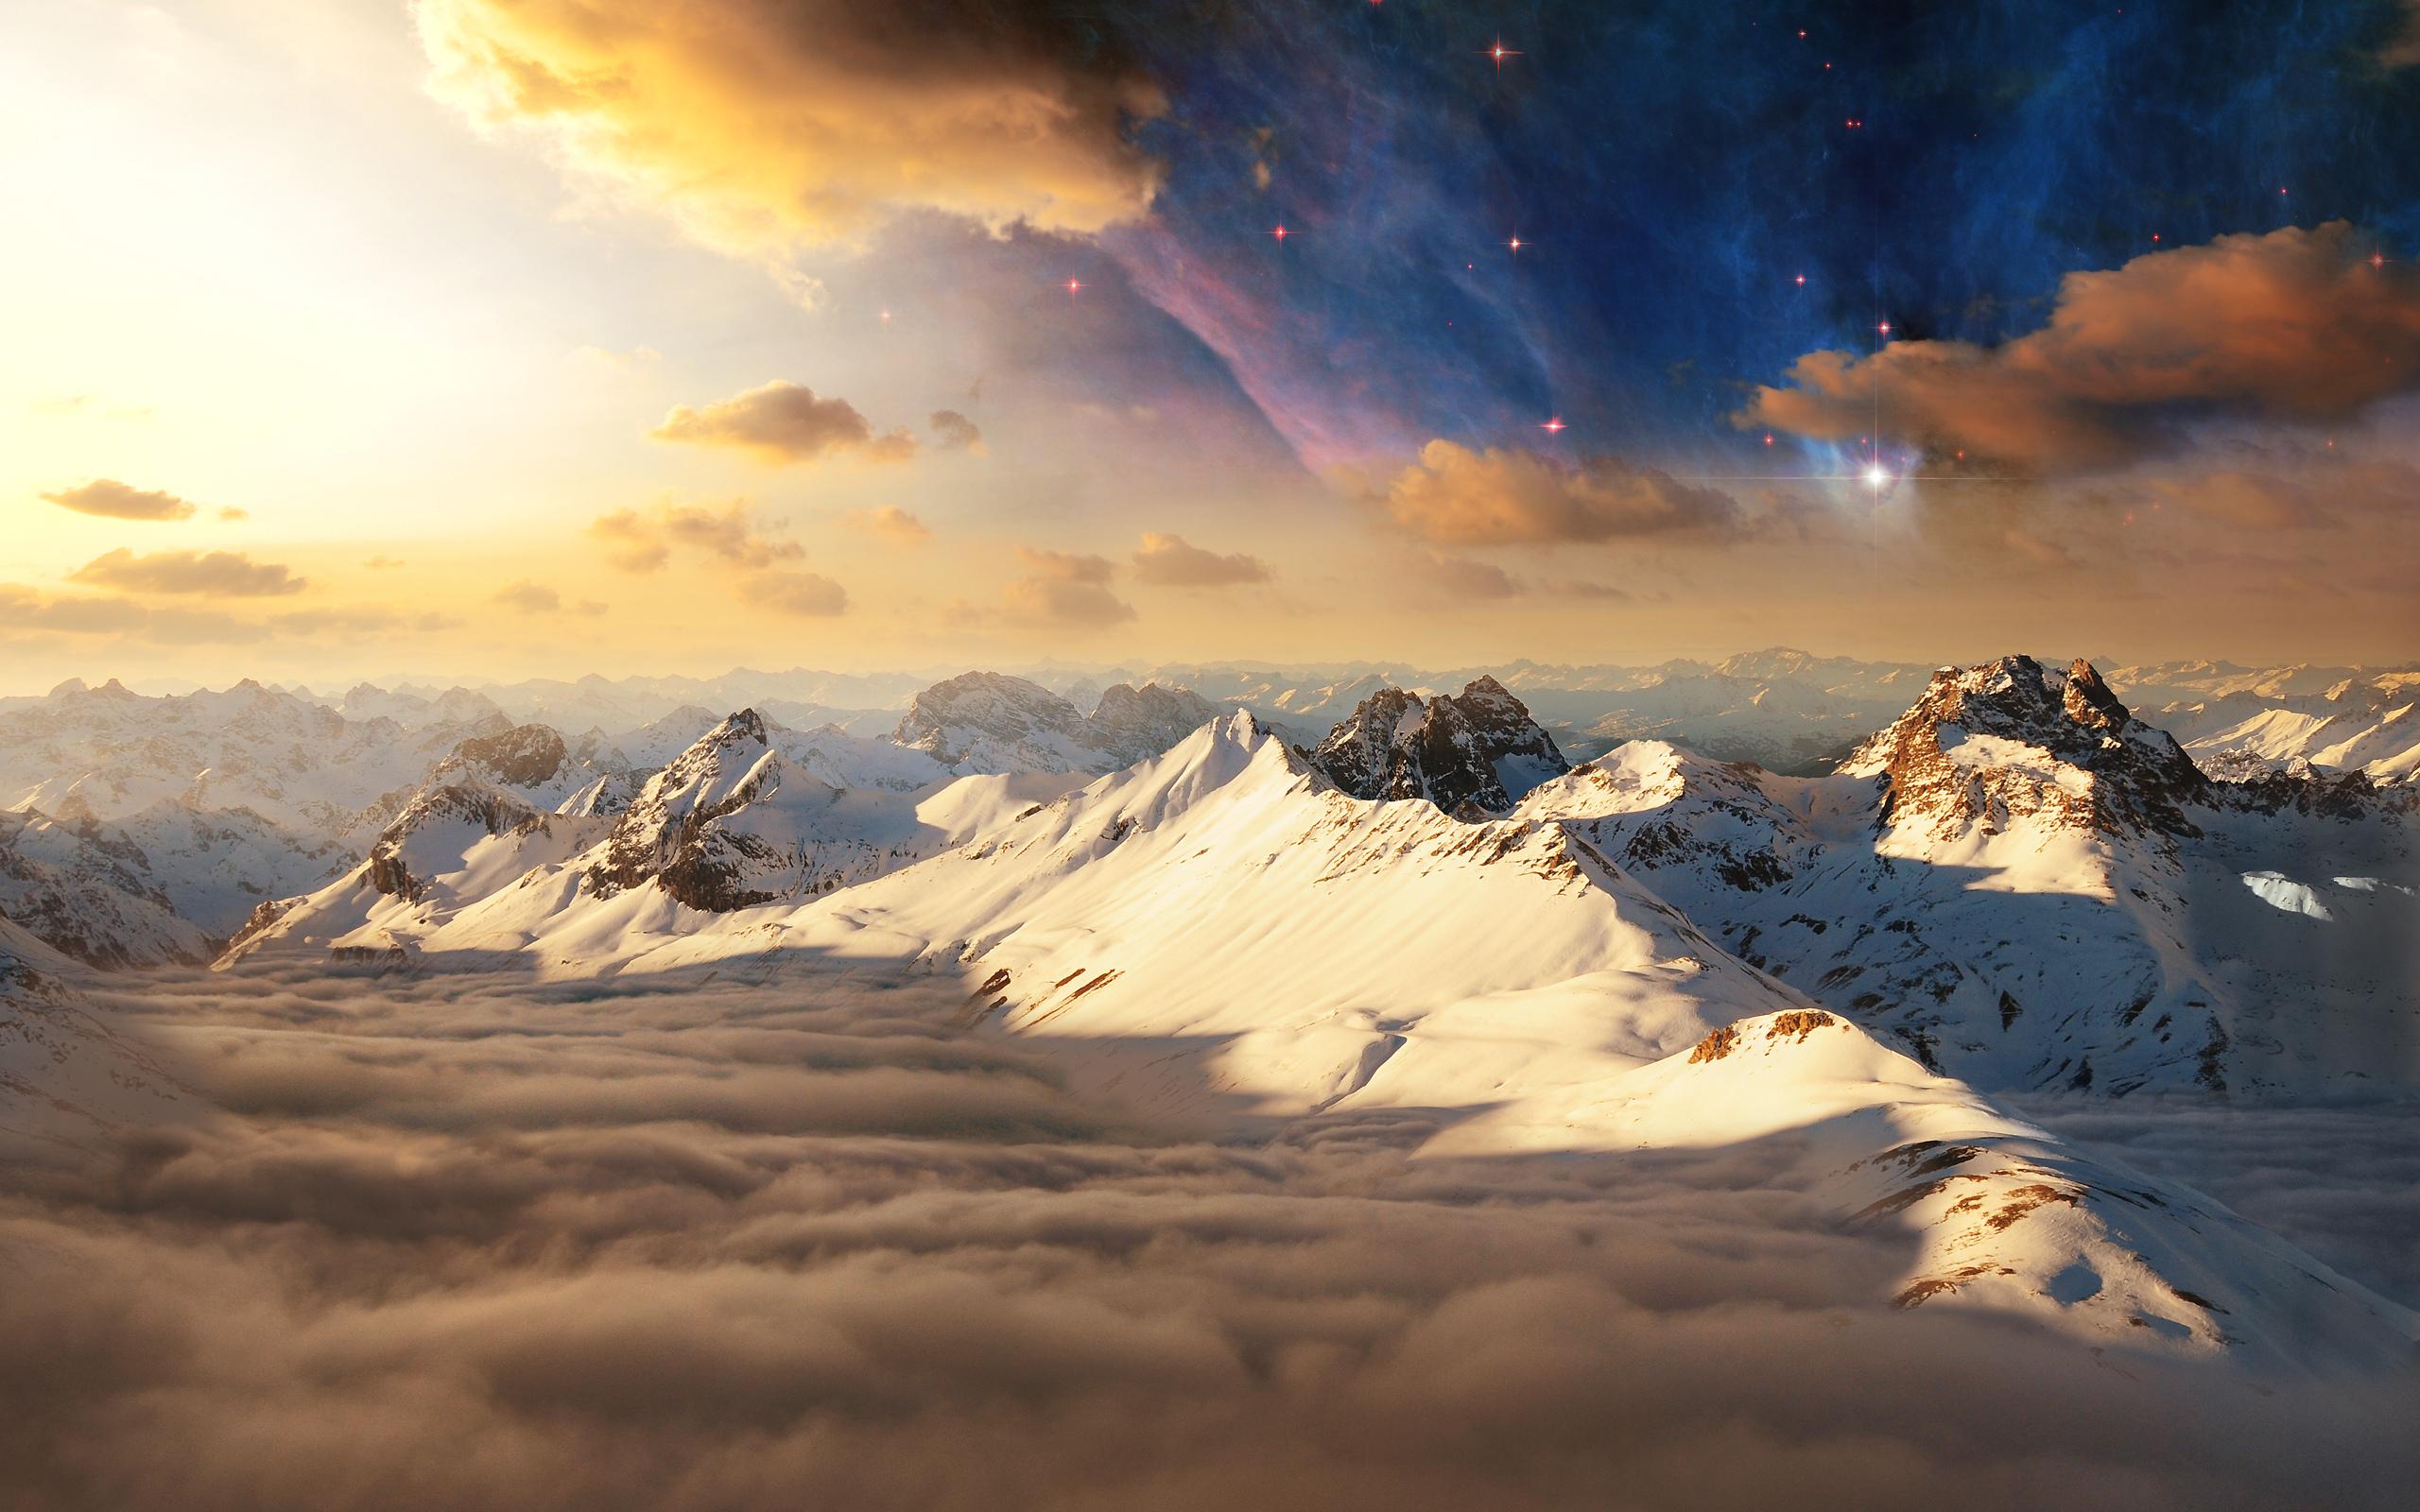 облака над горами скачать